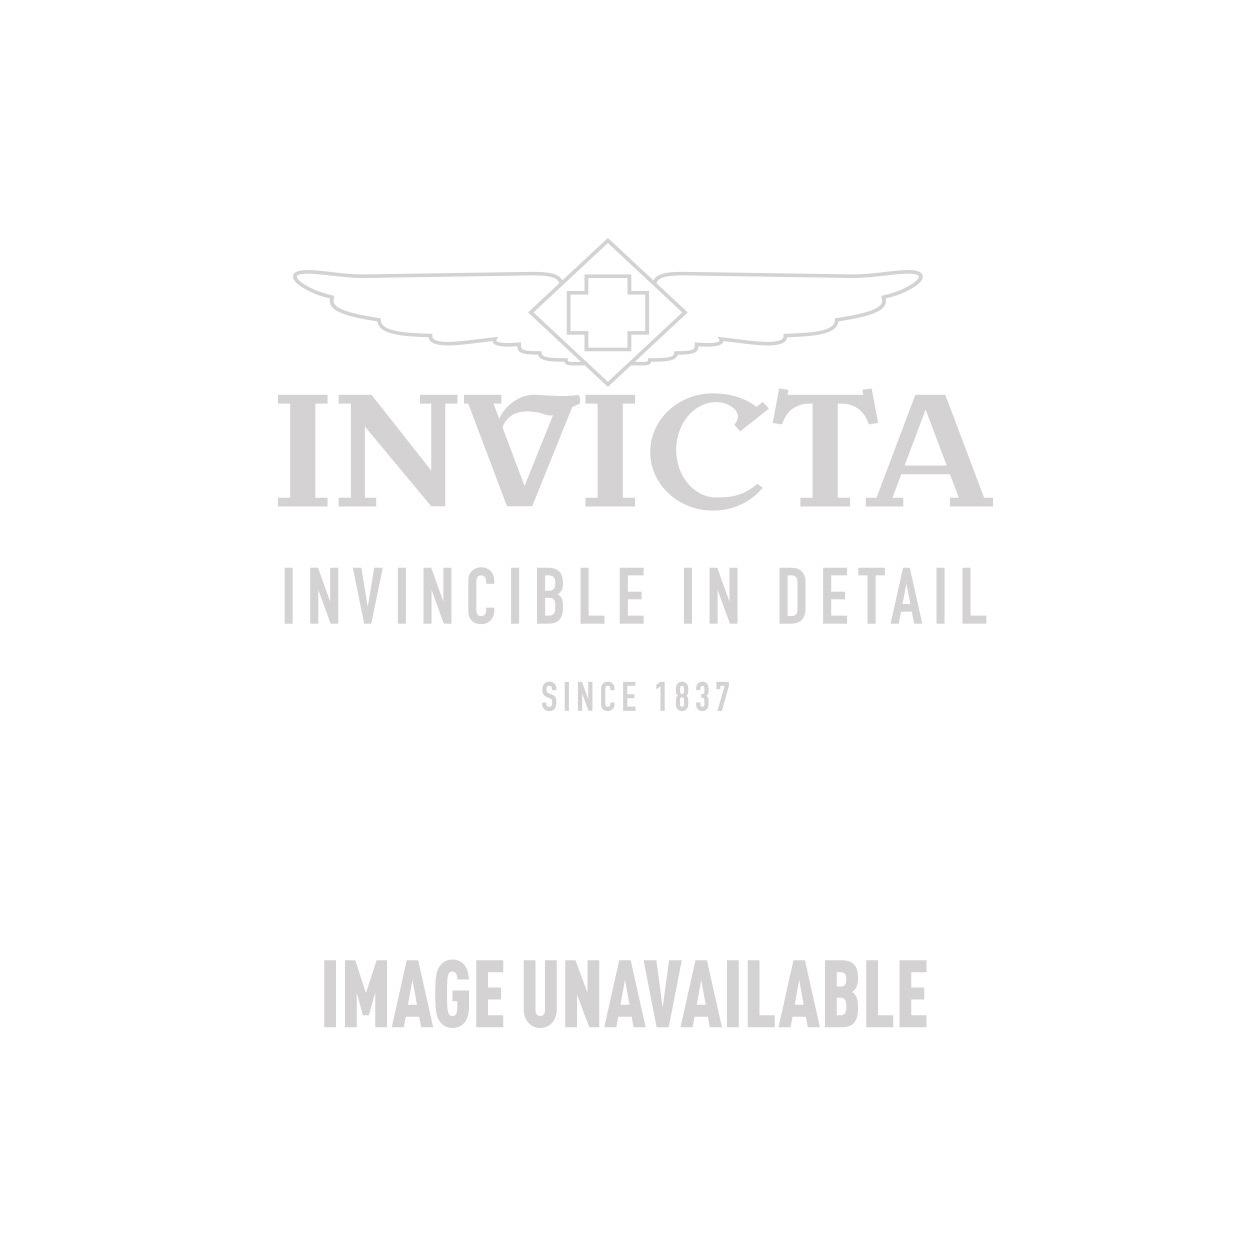 Invicta Model 25019